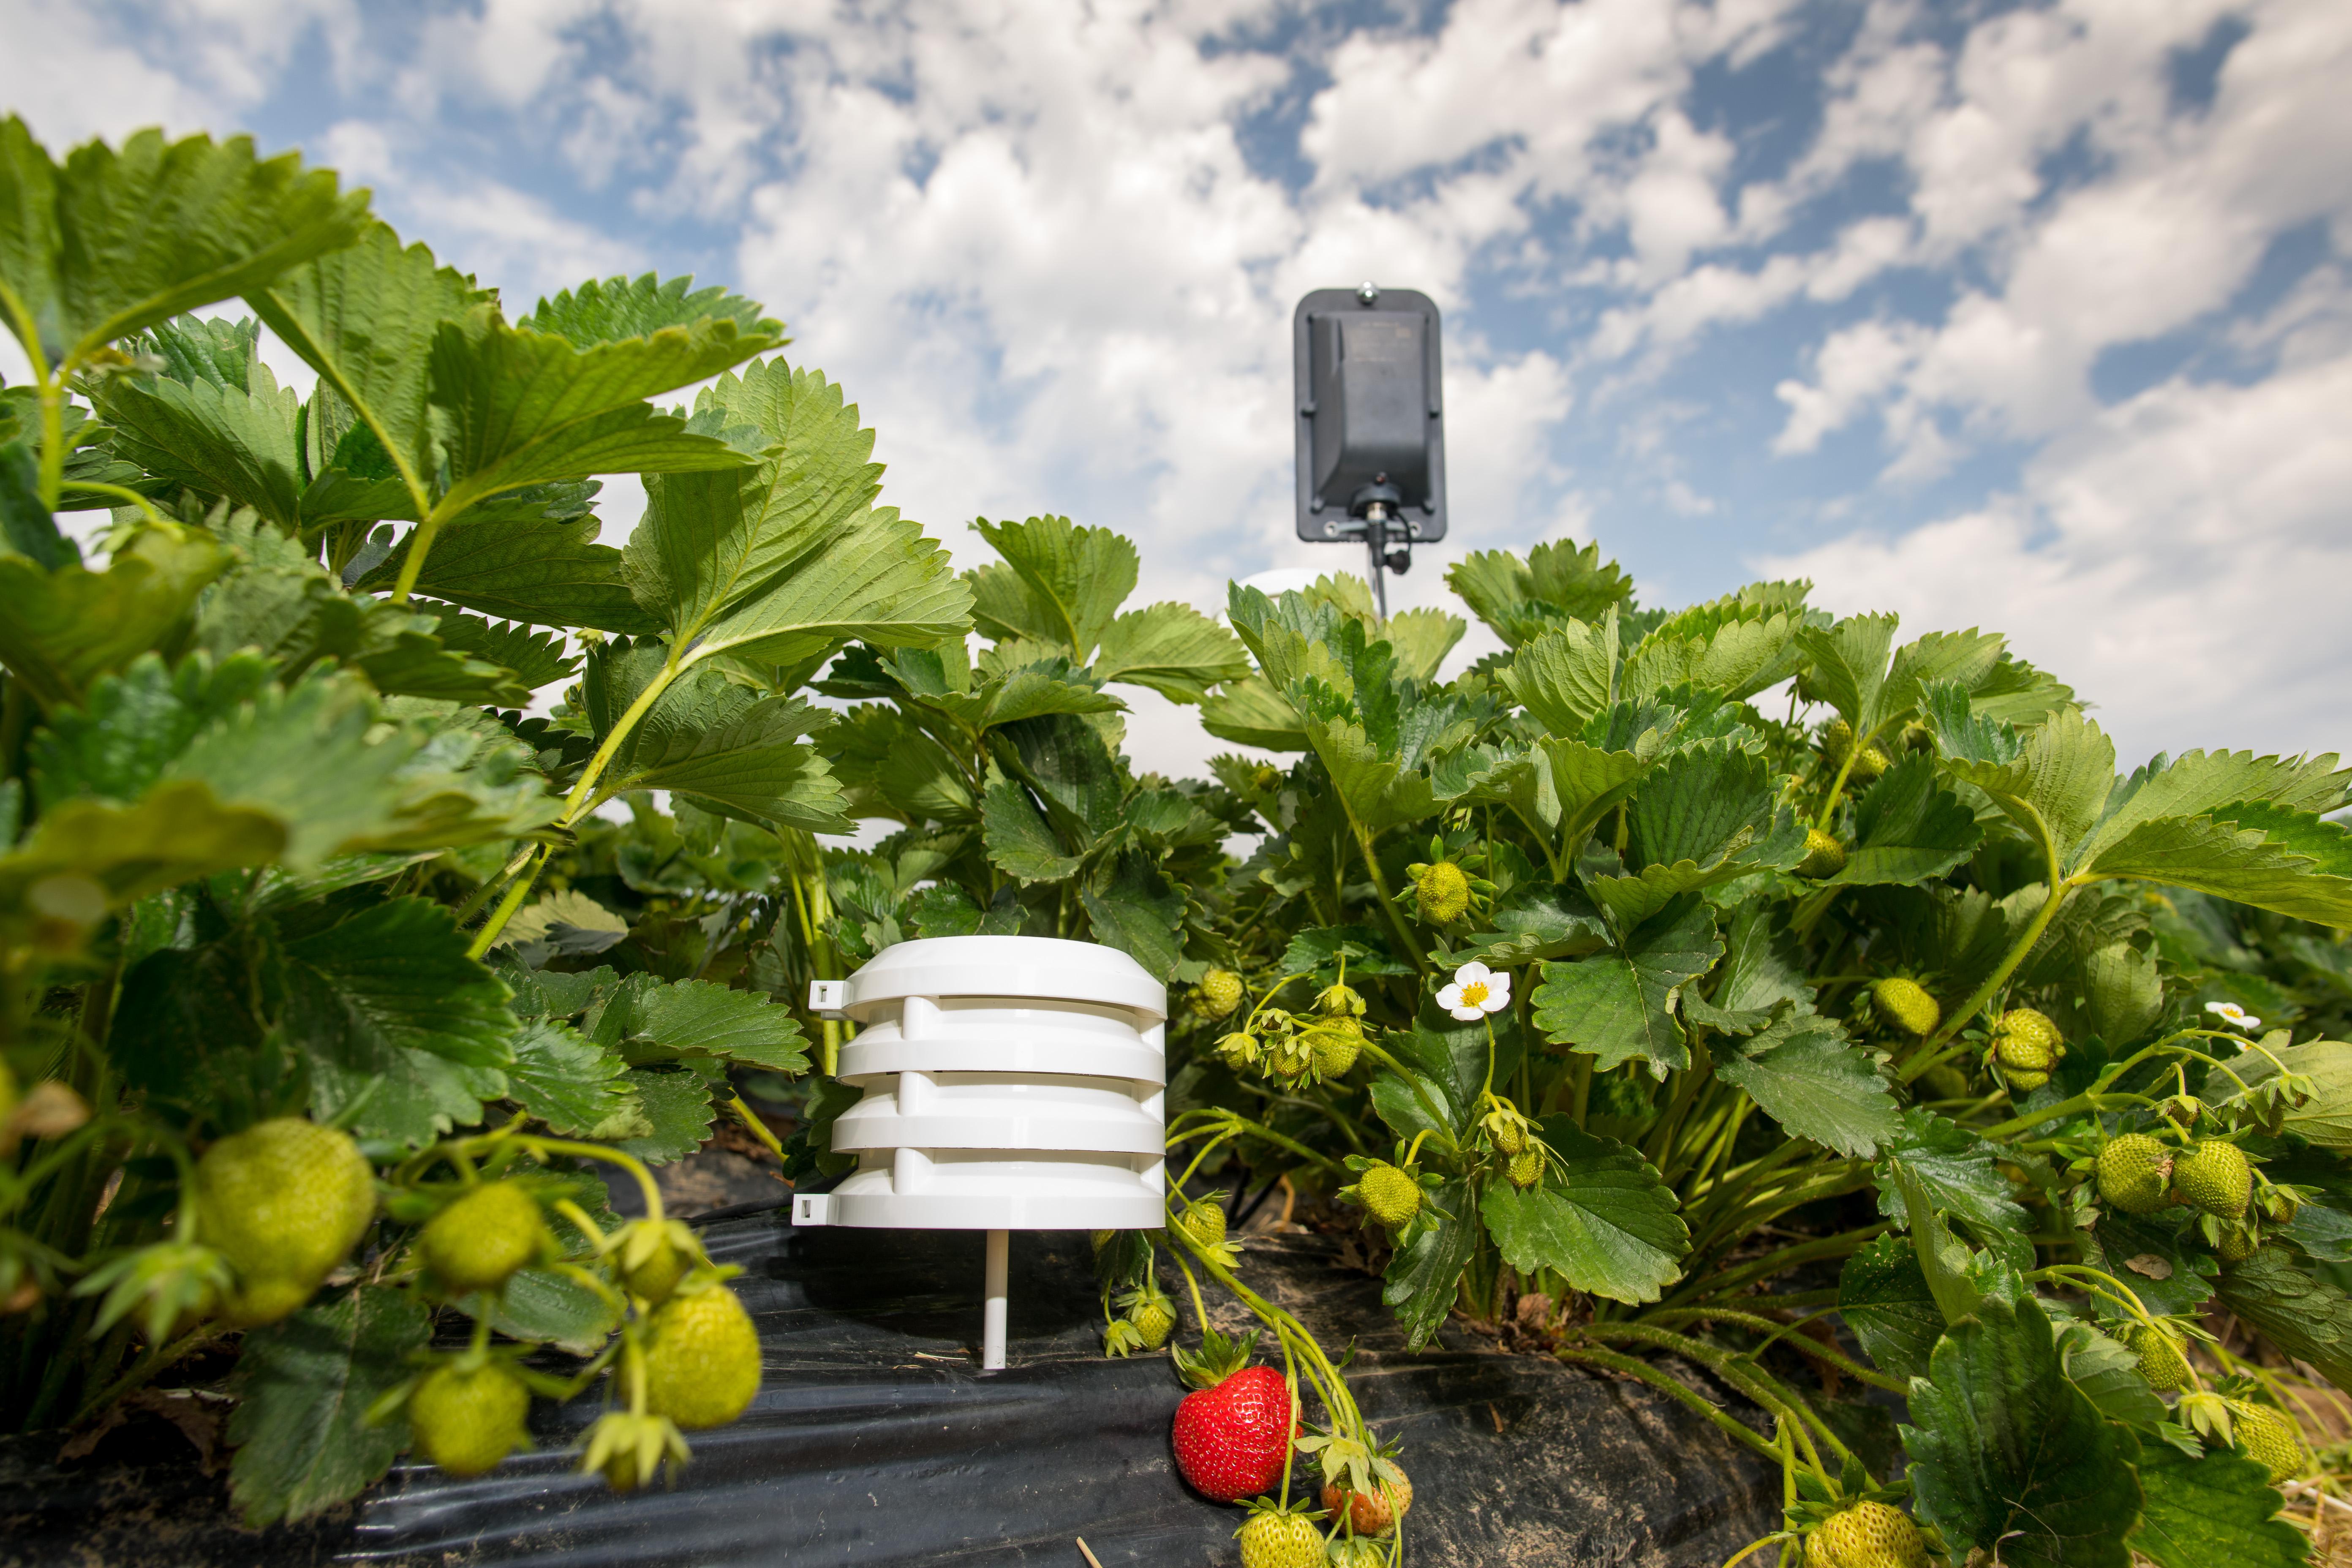 Temperatur- und Luftfeuchte-Sensoren zur Feldüberwachung in Erdbeeren